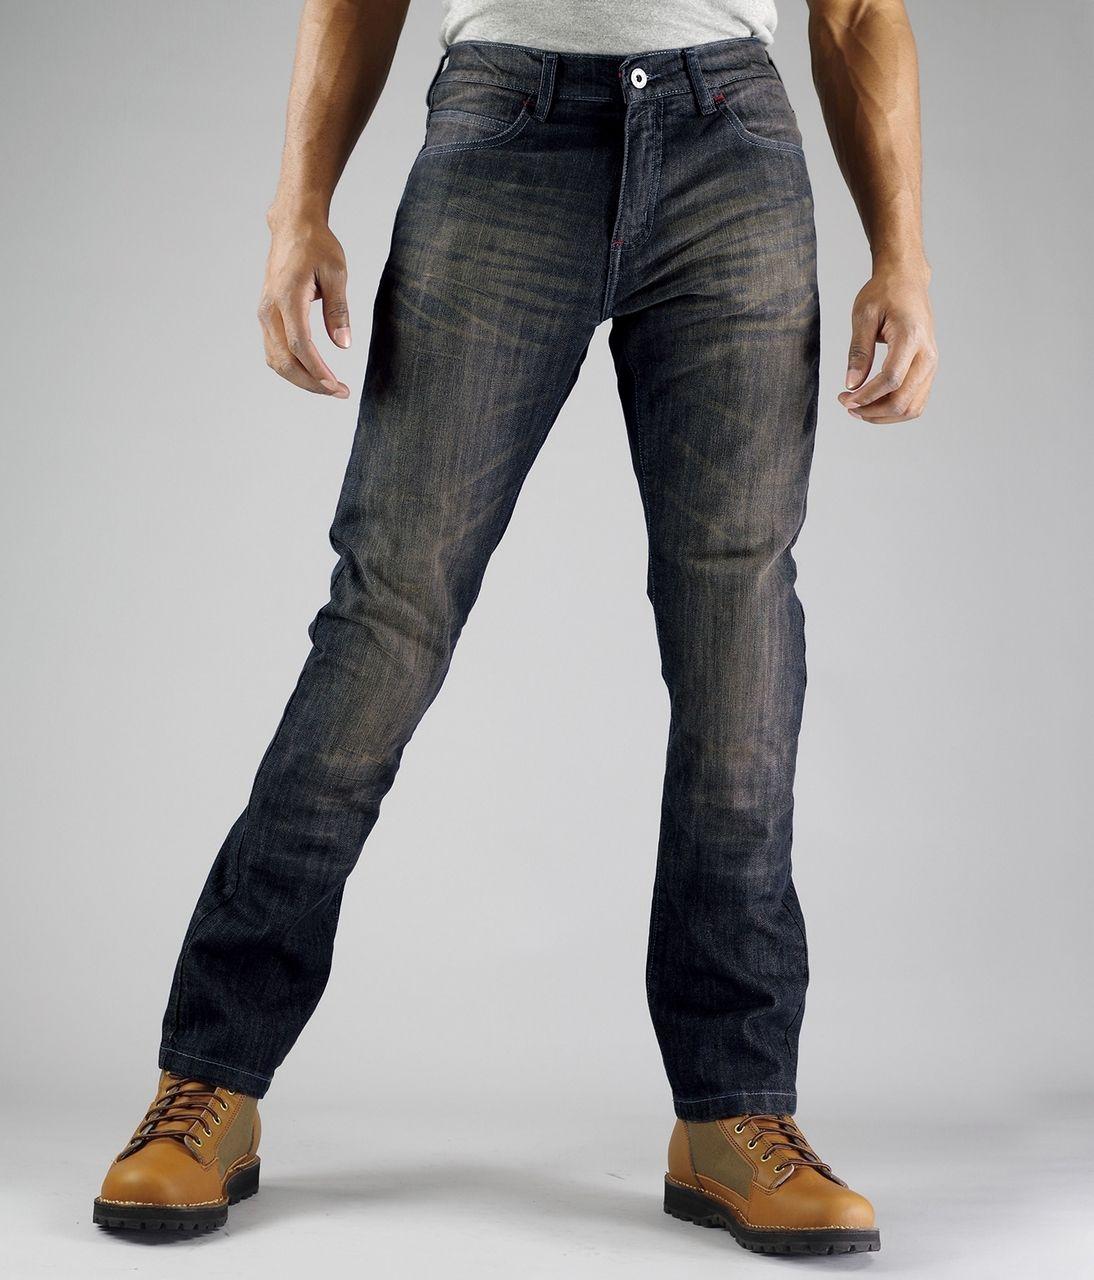 WJ-733S Full Year Kevlar Jeans Light